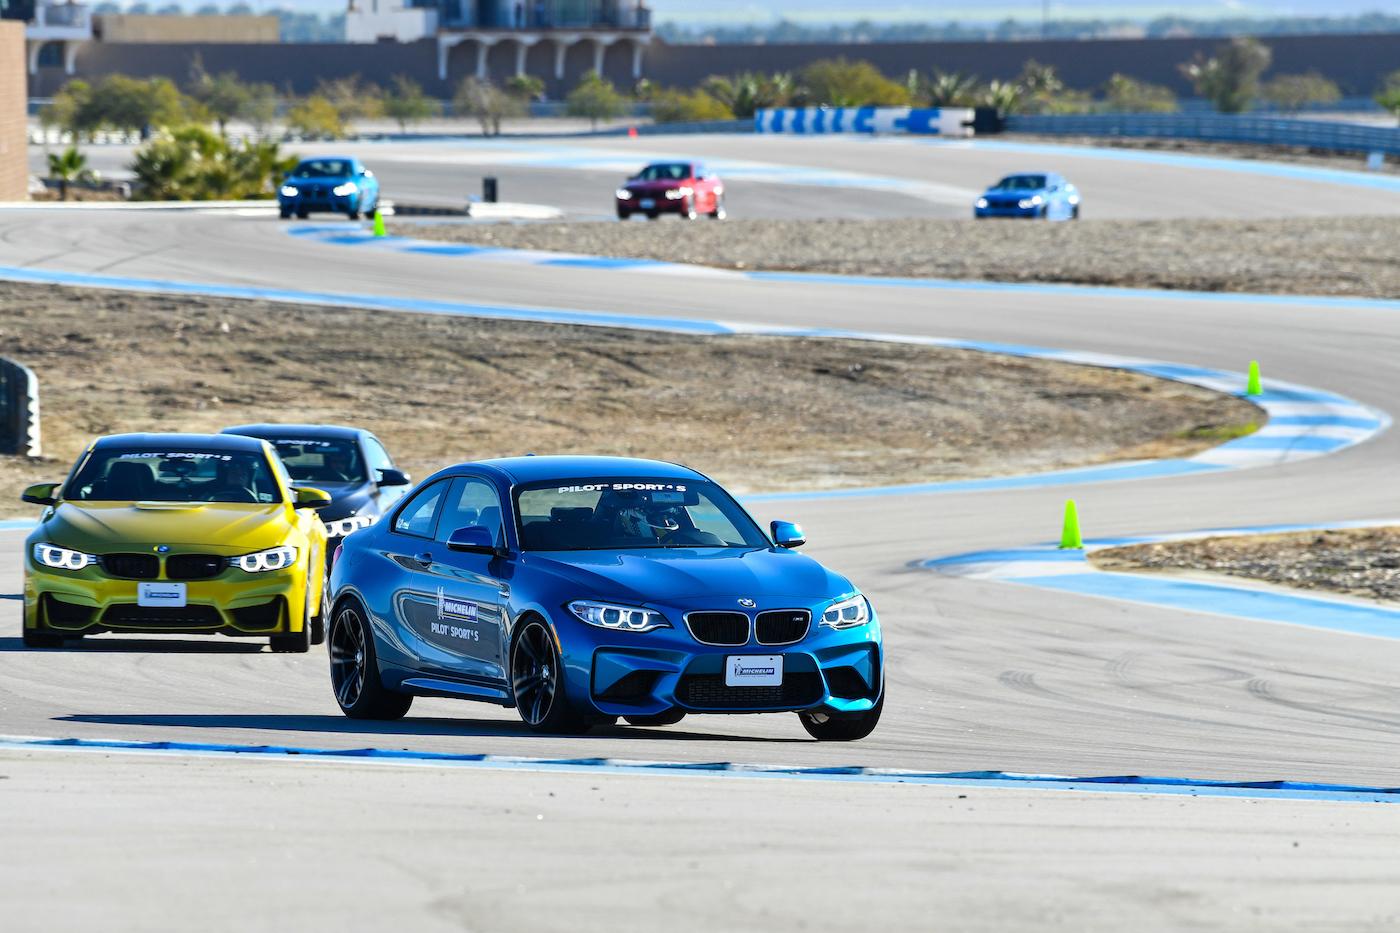 Qualmende Reifen in der kalifornischen Wüste: <br>Der Michelin Pilot Sport 4 S 8